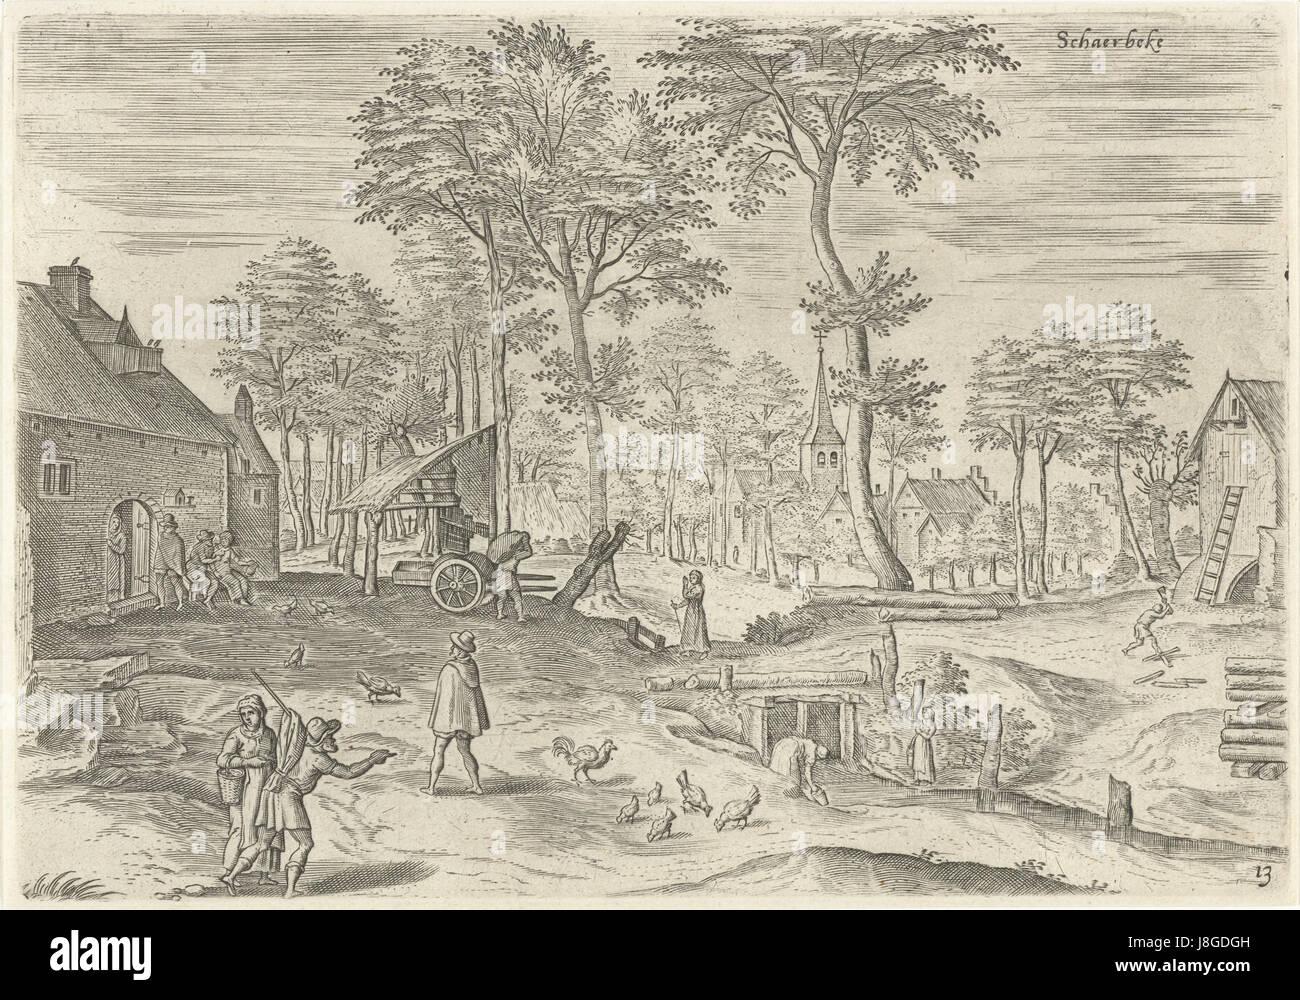 Gezicht op Schaarbeek, Hans Collaert (I), naar Hans Bol, Jacob Grimmer, 1530   1580 - Stock Image